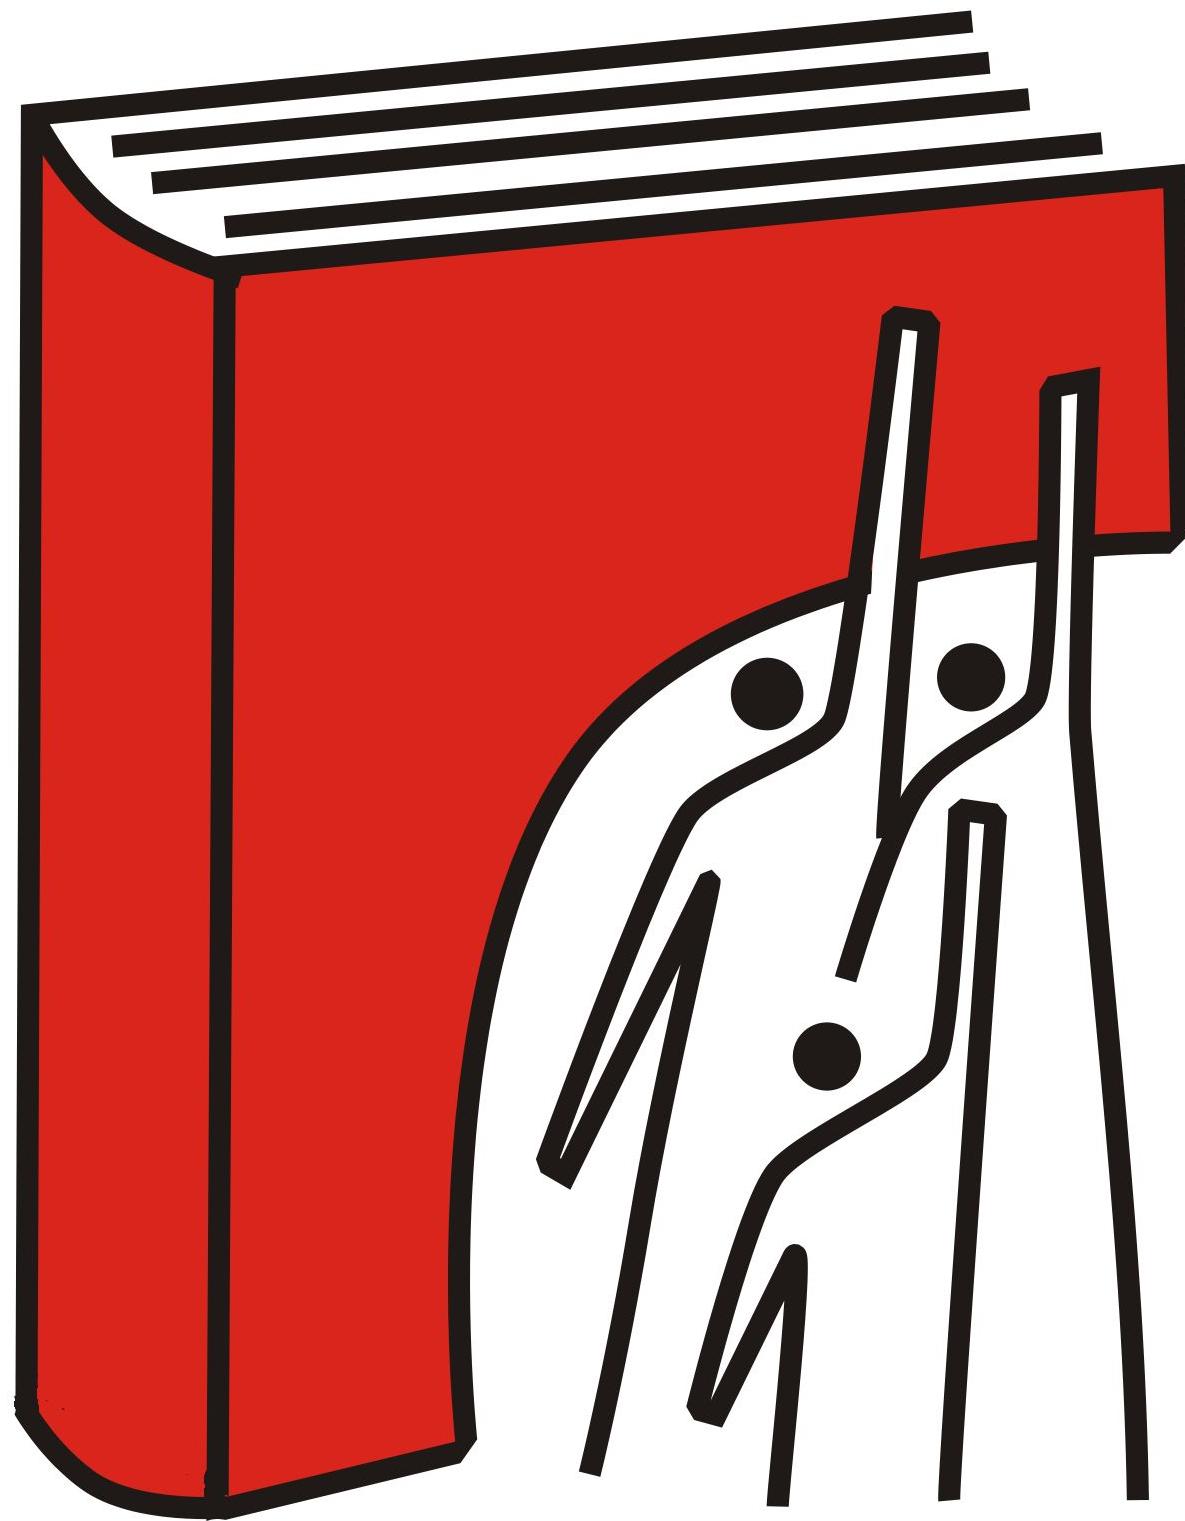 प्रगतिशील एवं क्रान्तिकारी साहित्य का प्रवेश द्वार